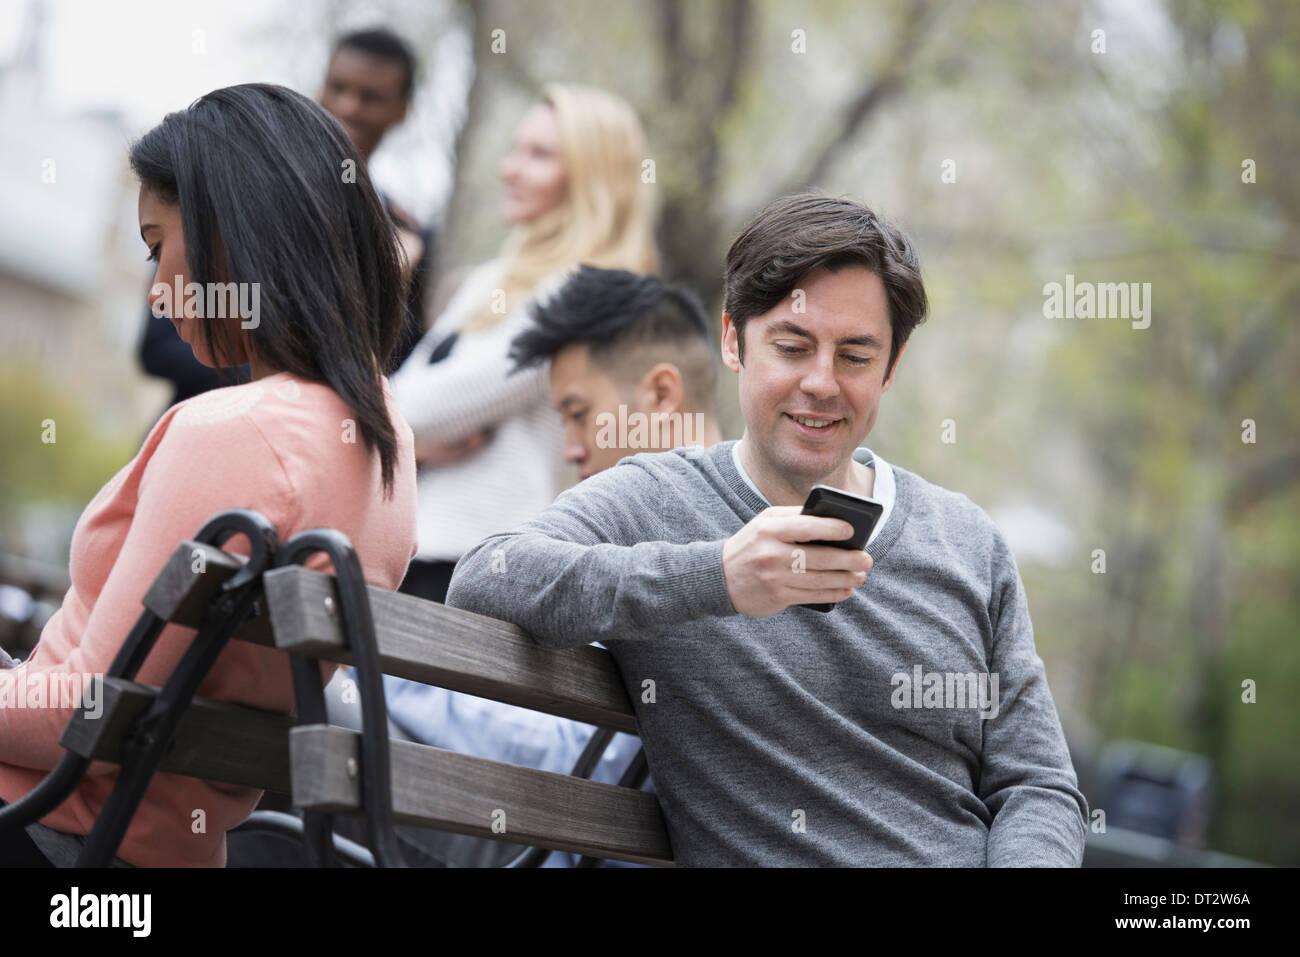 Blick über Citycity Park auf einer Parkbank sitzen, fünf Menschen Männer und Frauen, die ihre Telefone überprüfen Stockbild